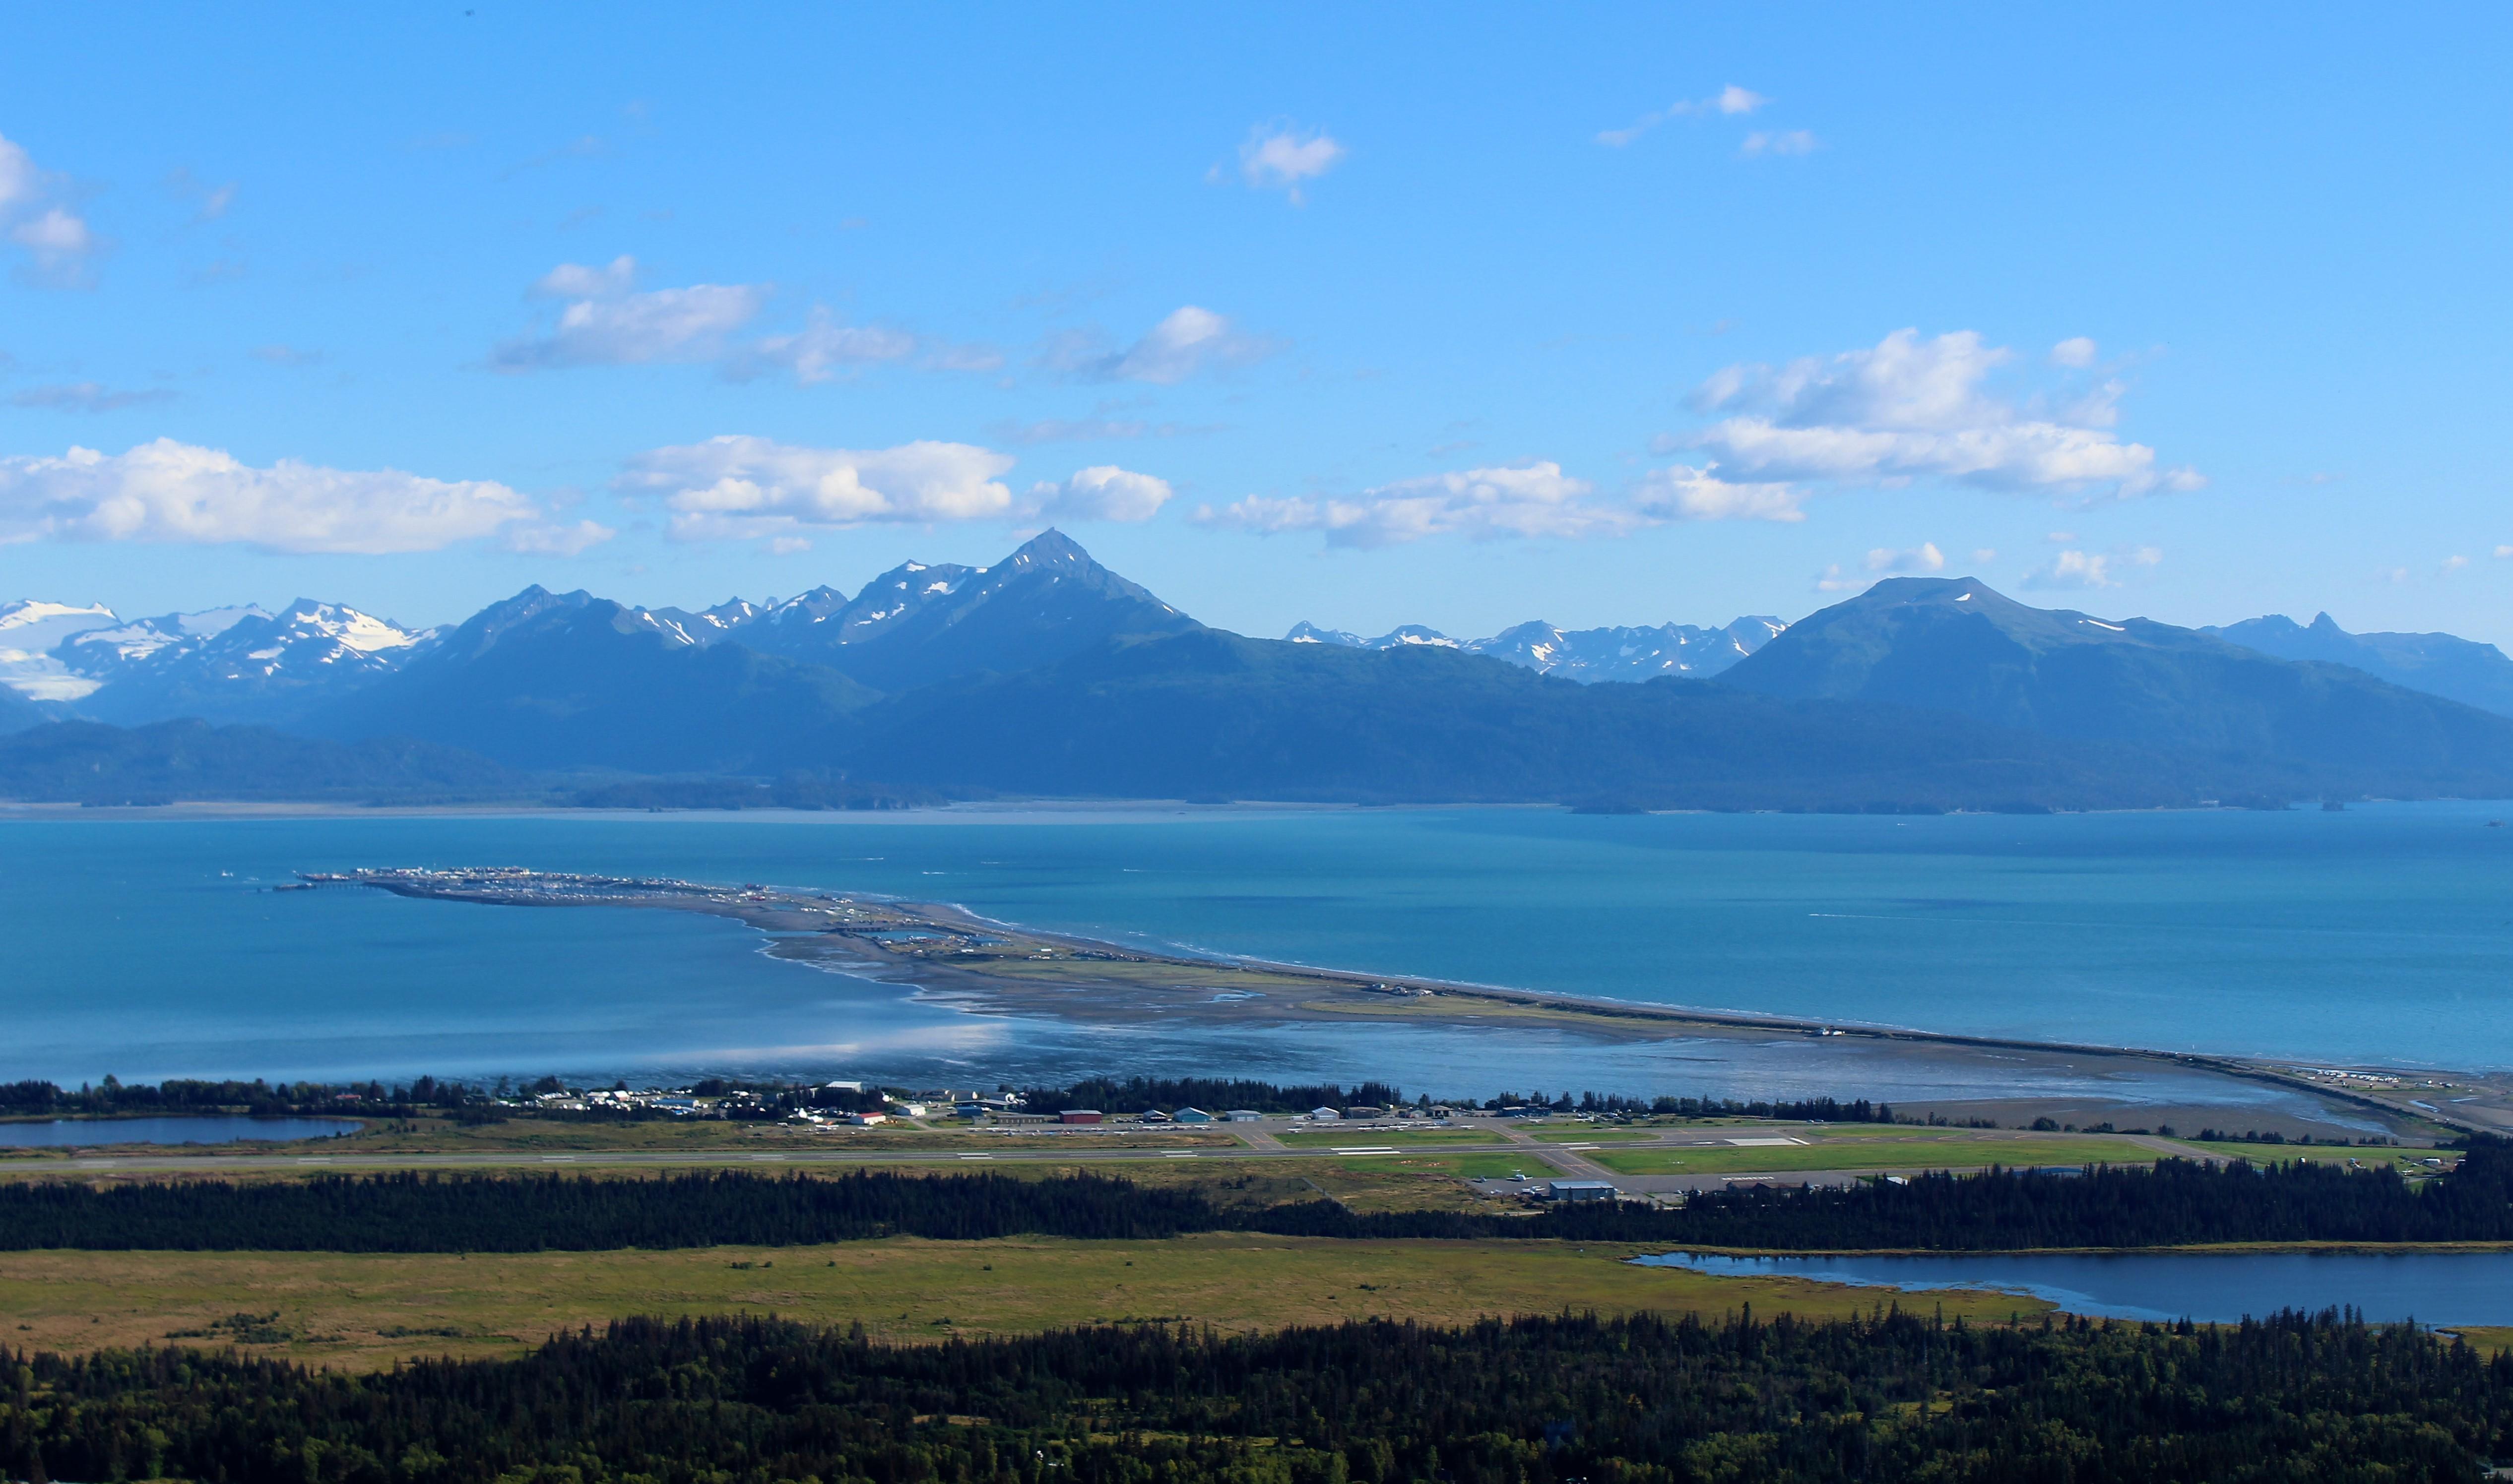 Alaska by Robert Swetz